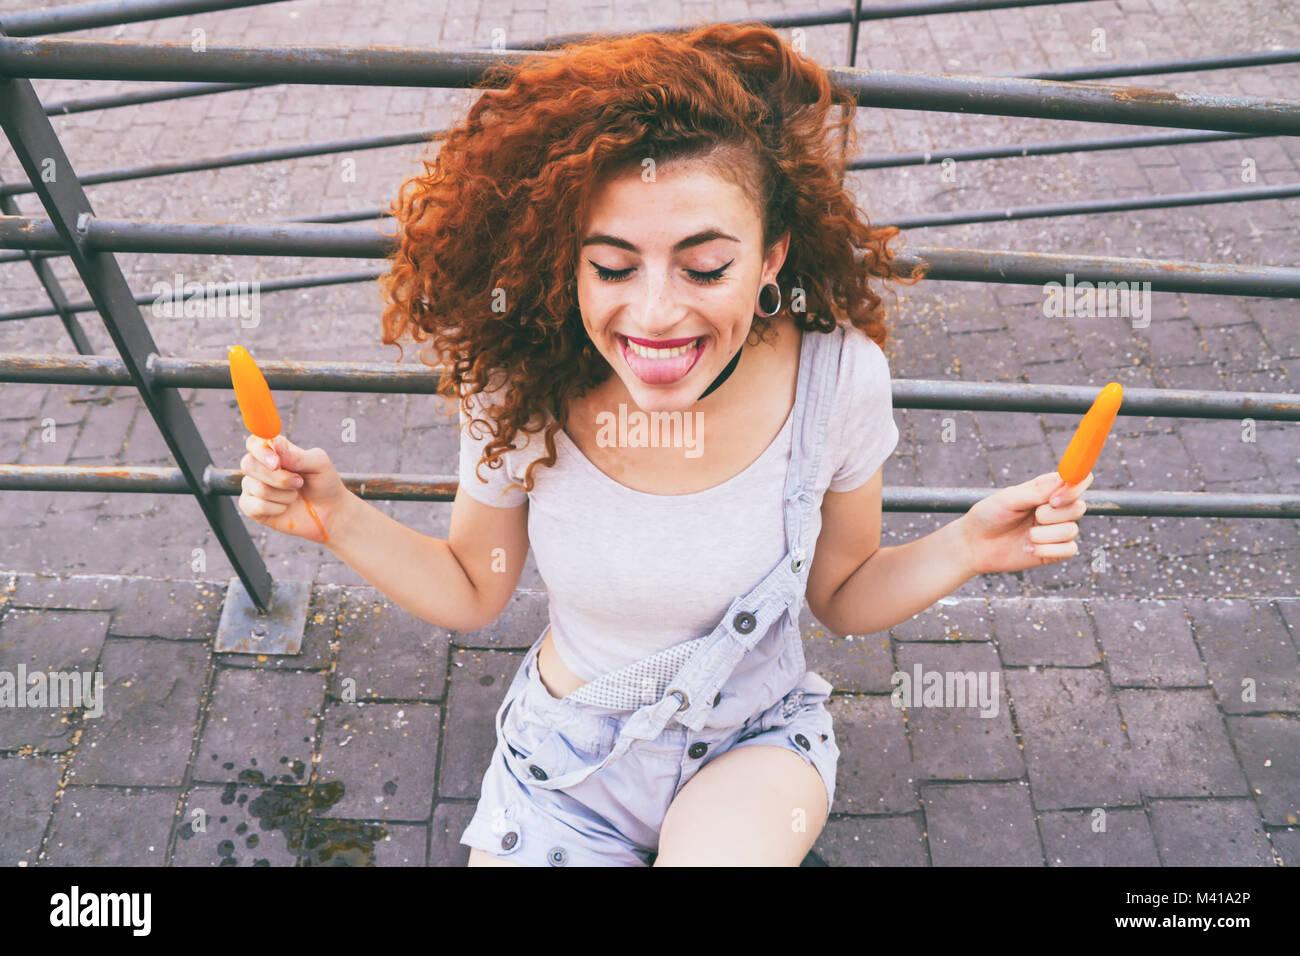 Rothaarige junge Frau essen Eis im Sommer Stockbild